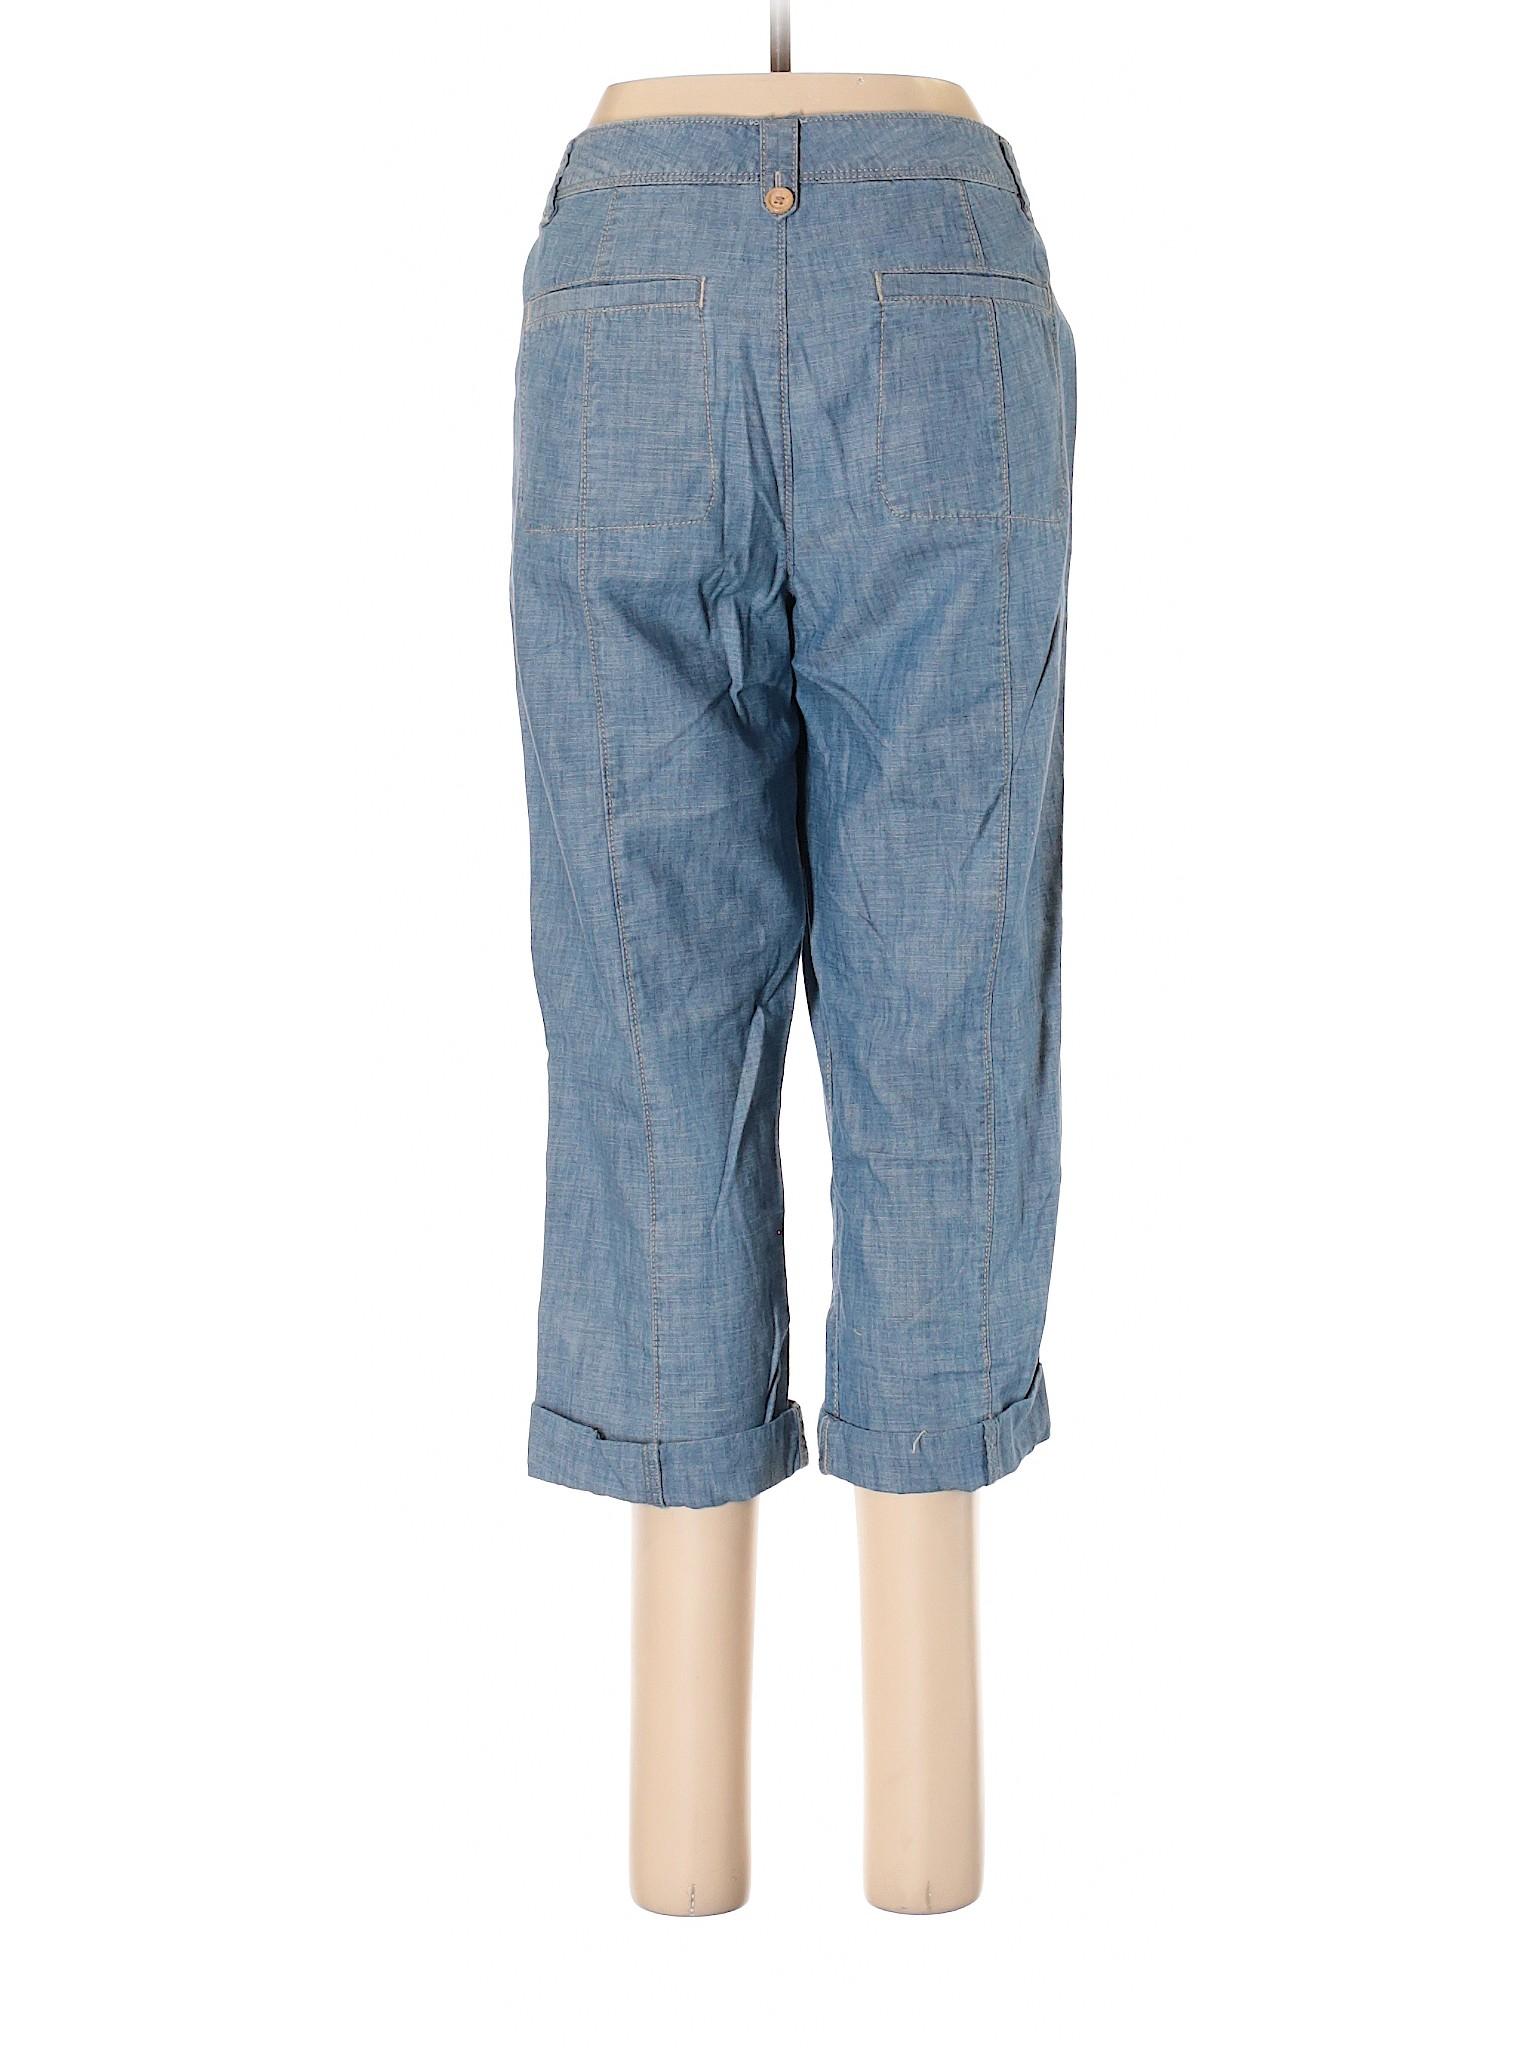 Pants LOFT Casual leisure Ann Taylor Boutique xHwpqYnU1A